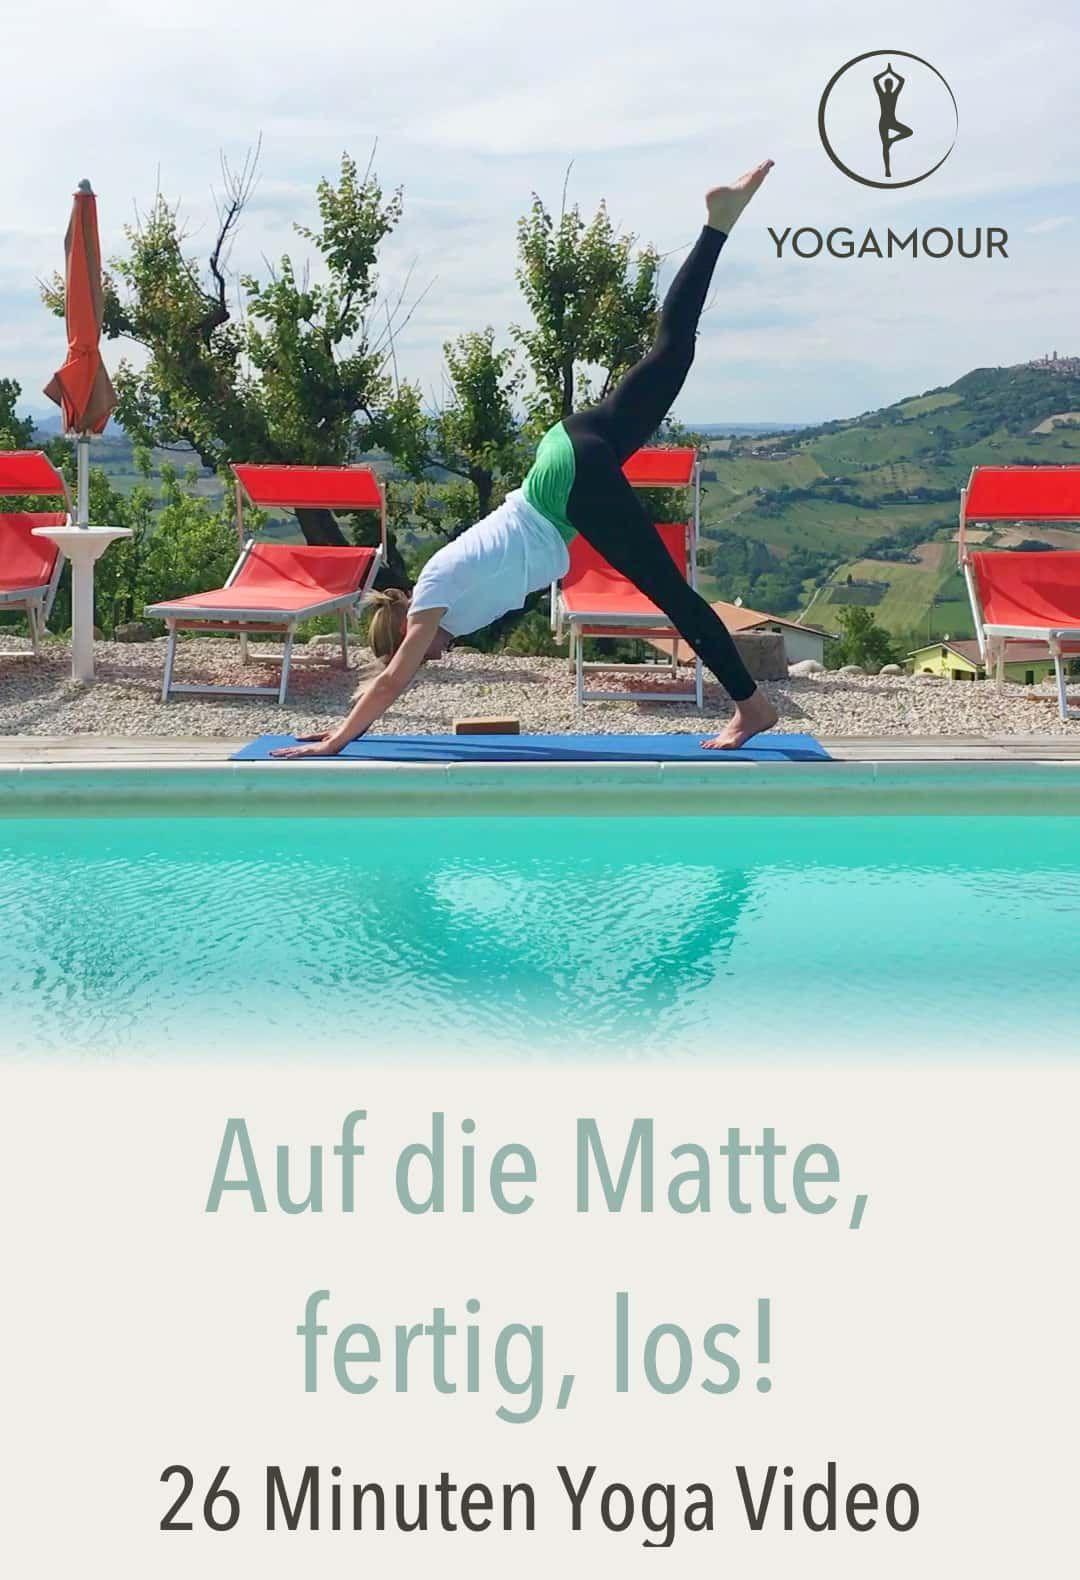 """Ein wunderbares Werkzeug, den Körper zu """"pflegen"""" und wieder geistige Ruhe zu finden, sind Yoga Asanas. Aus diesen Gedanken heraus entstand diese YOGAMOUR-Folge: Sanftes, sicheres, ruhiges Üben, überwiegend zur Kräftigung der Rumpf- und Schultergürtelmuskulatur. Love Your Back 2 – Yoga für einen gesunden Rücken YOGAMOUR #69"""